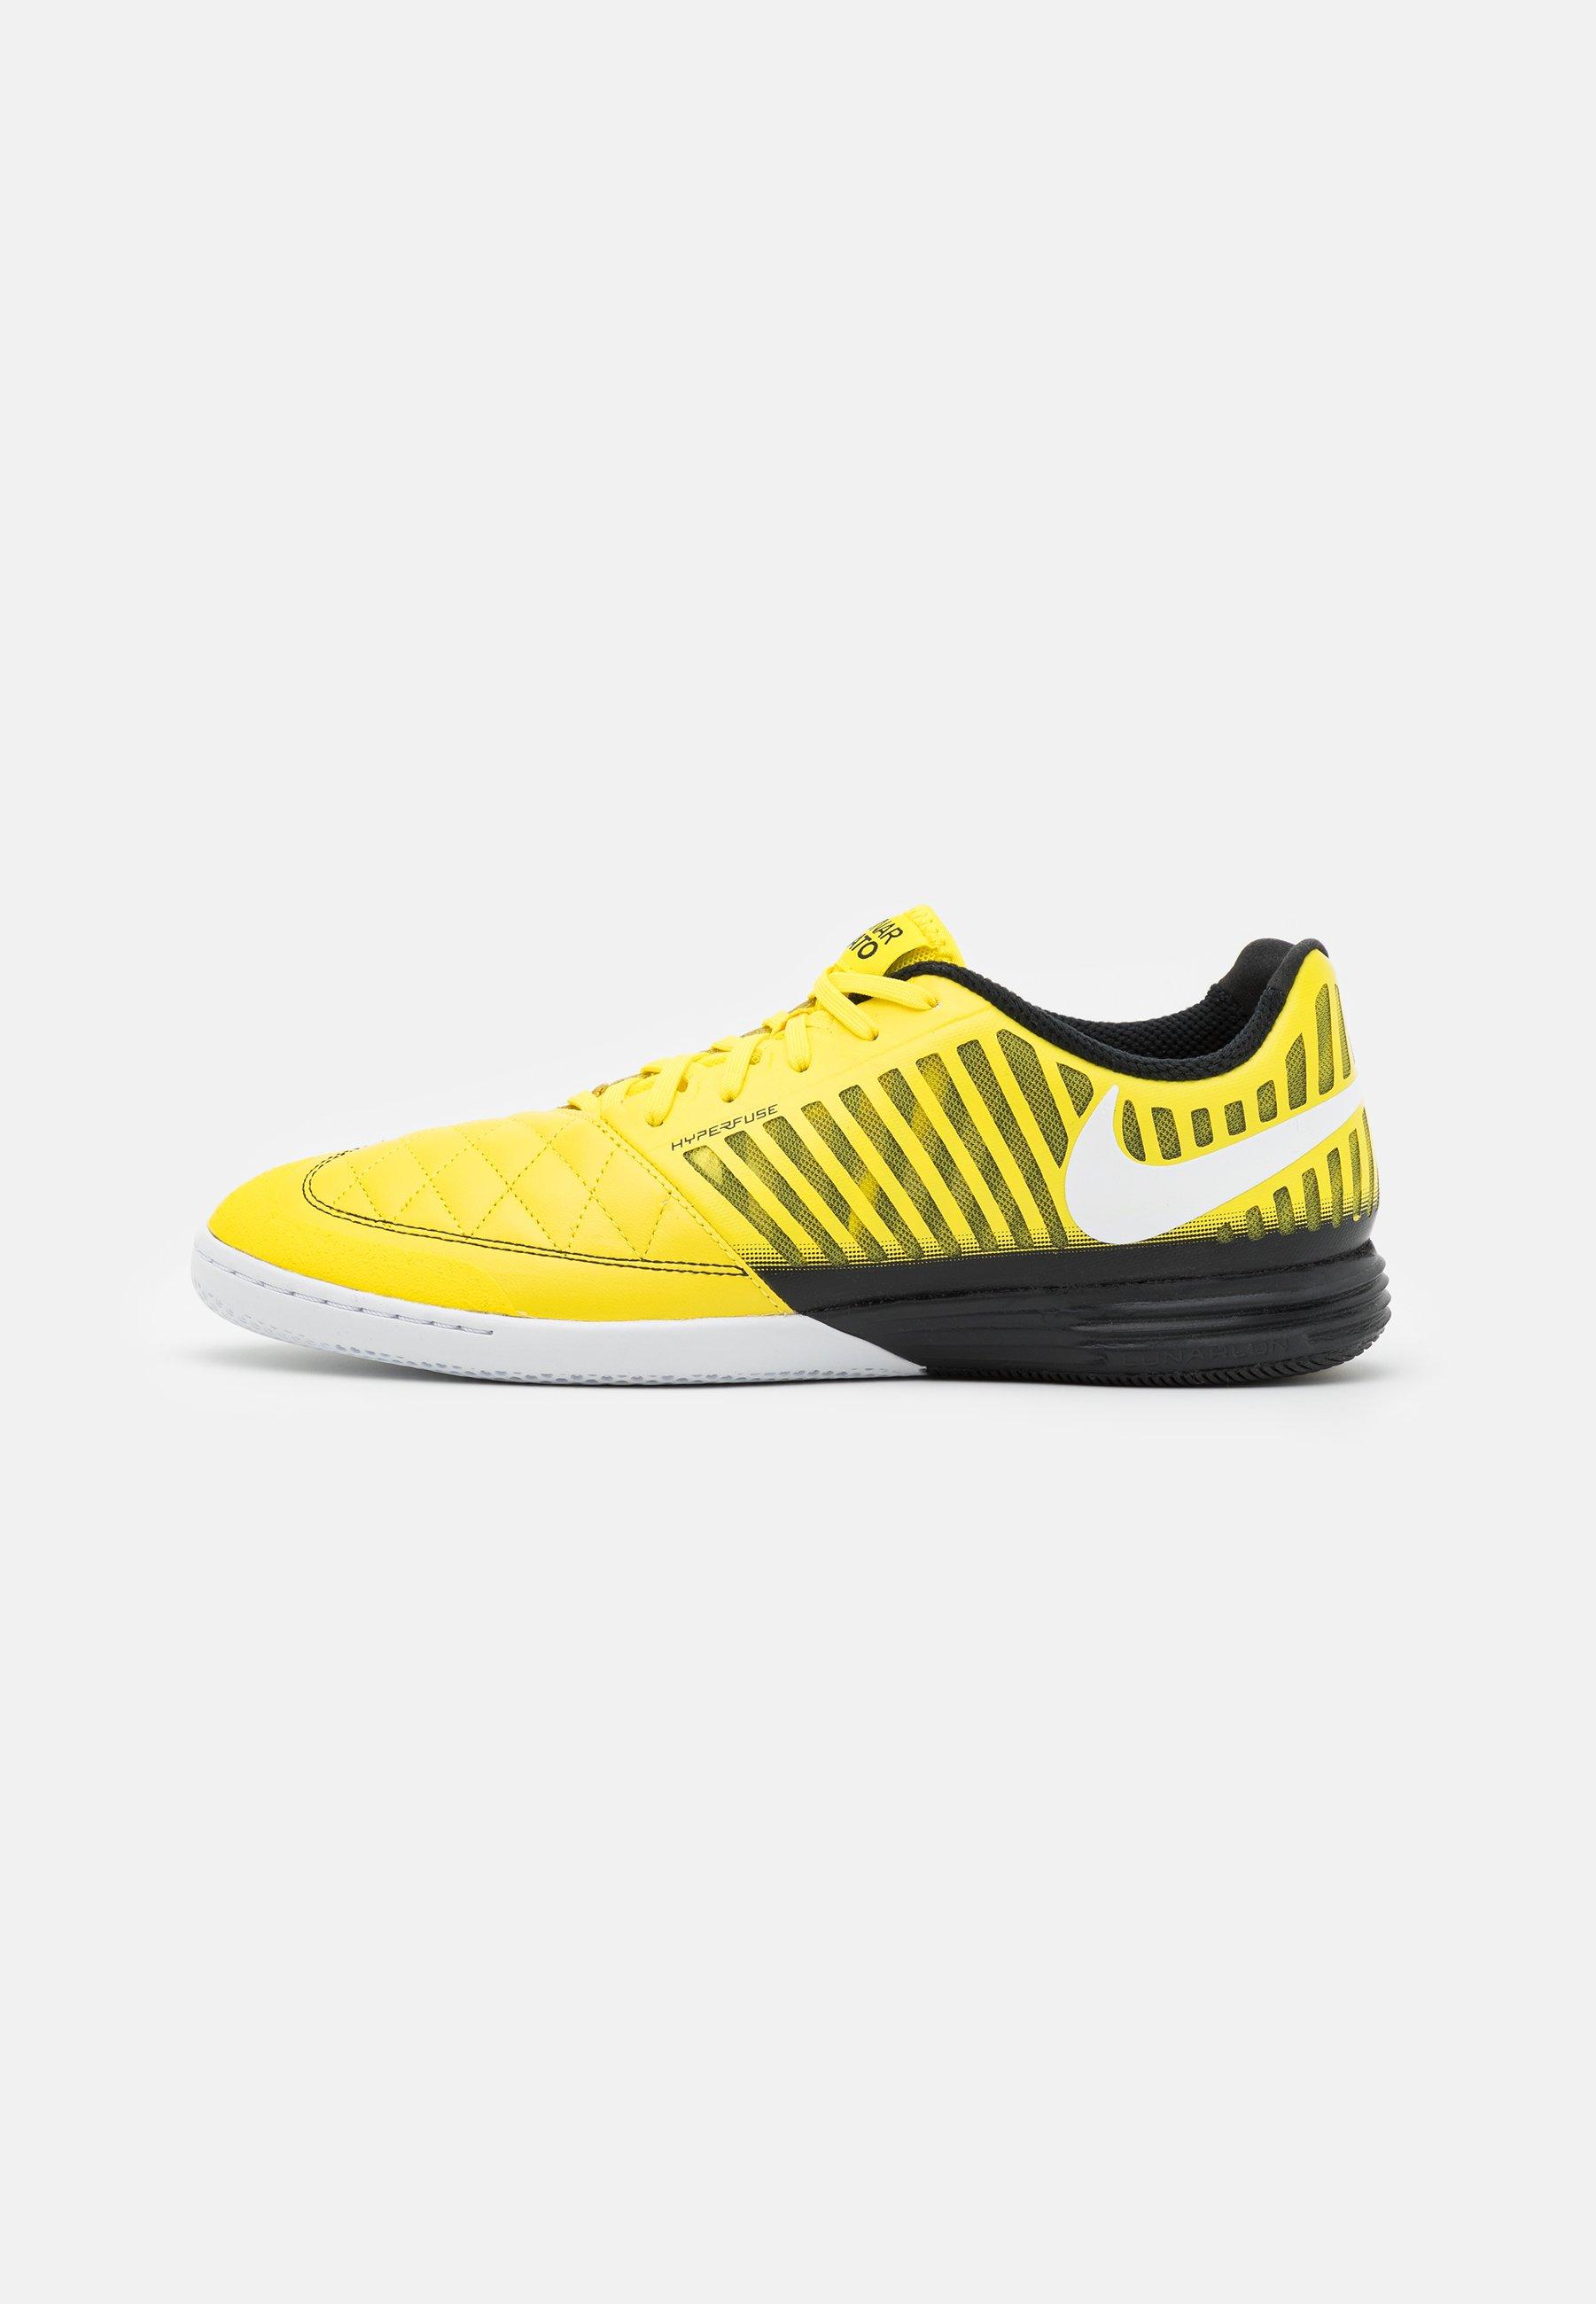 Homme LUNARGATO II - Chaussures de foot en salle